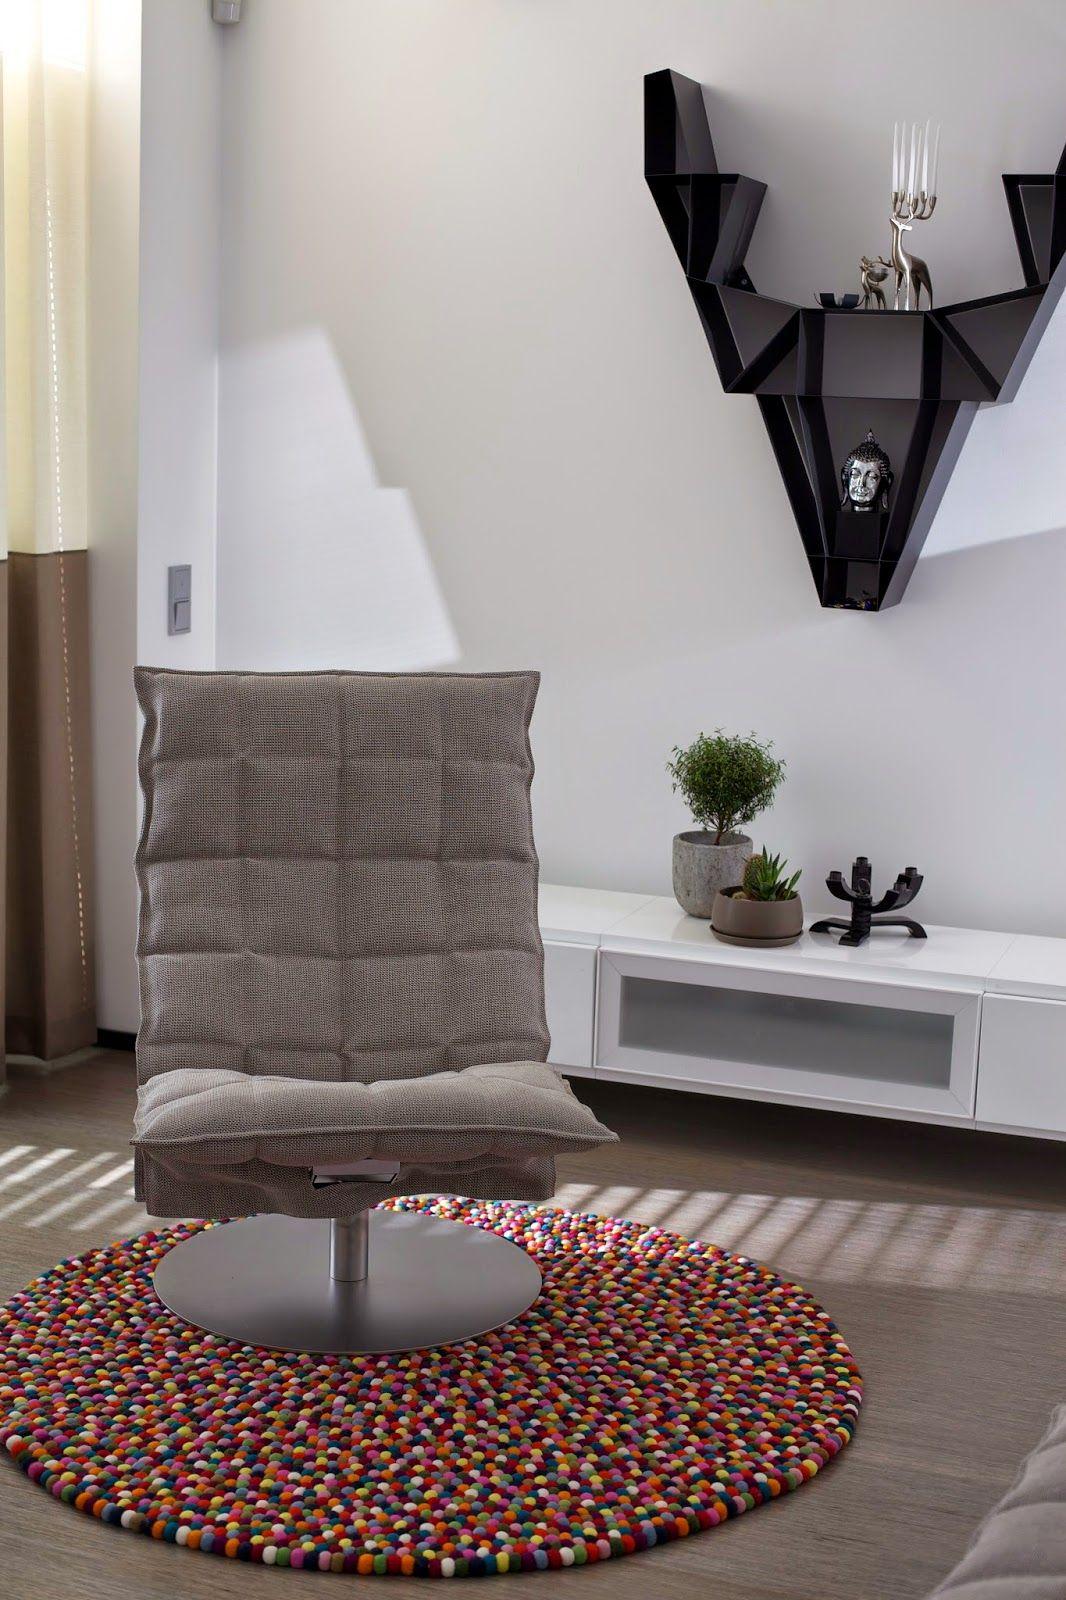 Alisha - rund | Pinterest | Einfache Wohnzimmer, Wohnzimmer und Neue ...